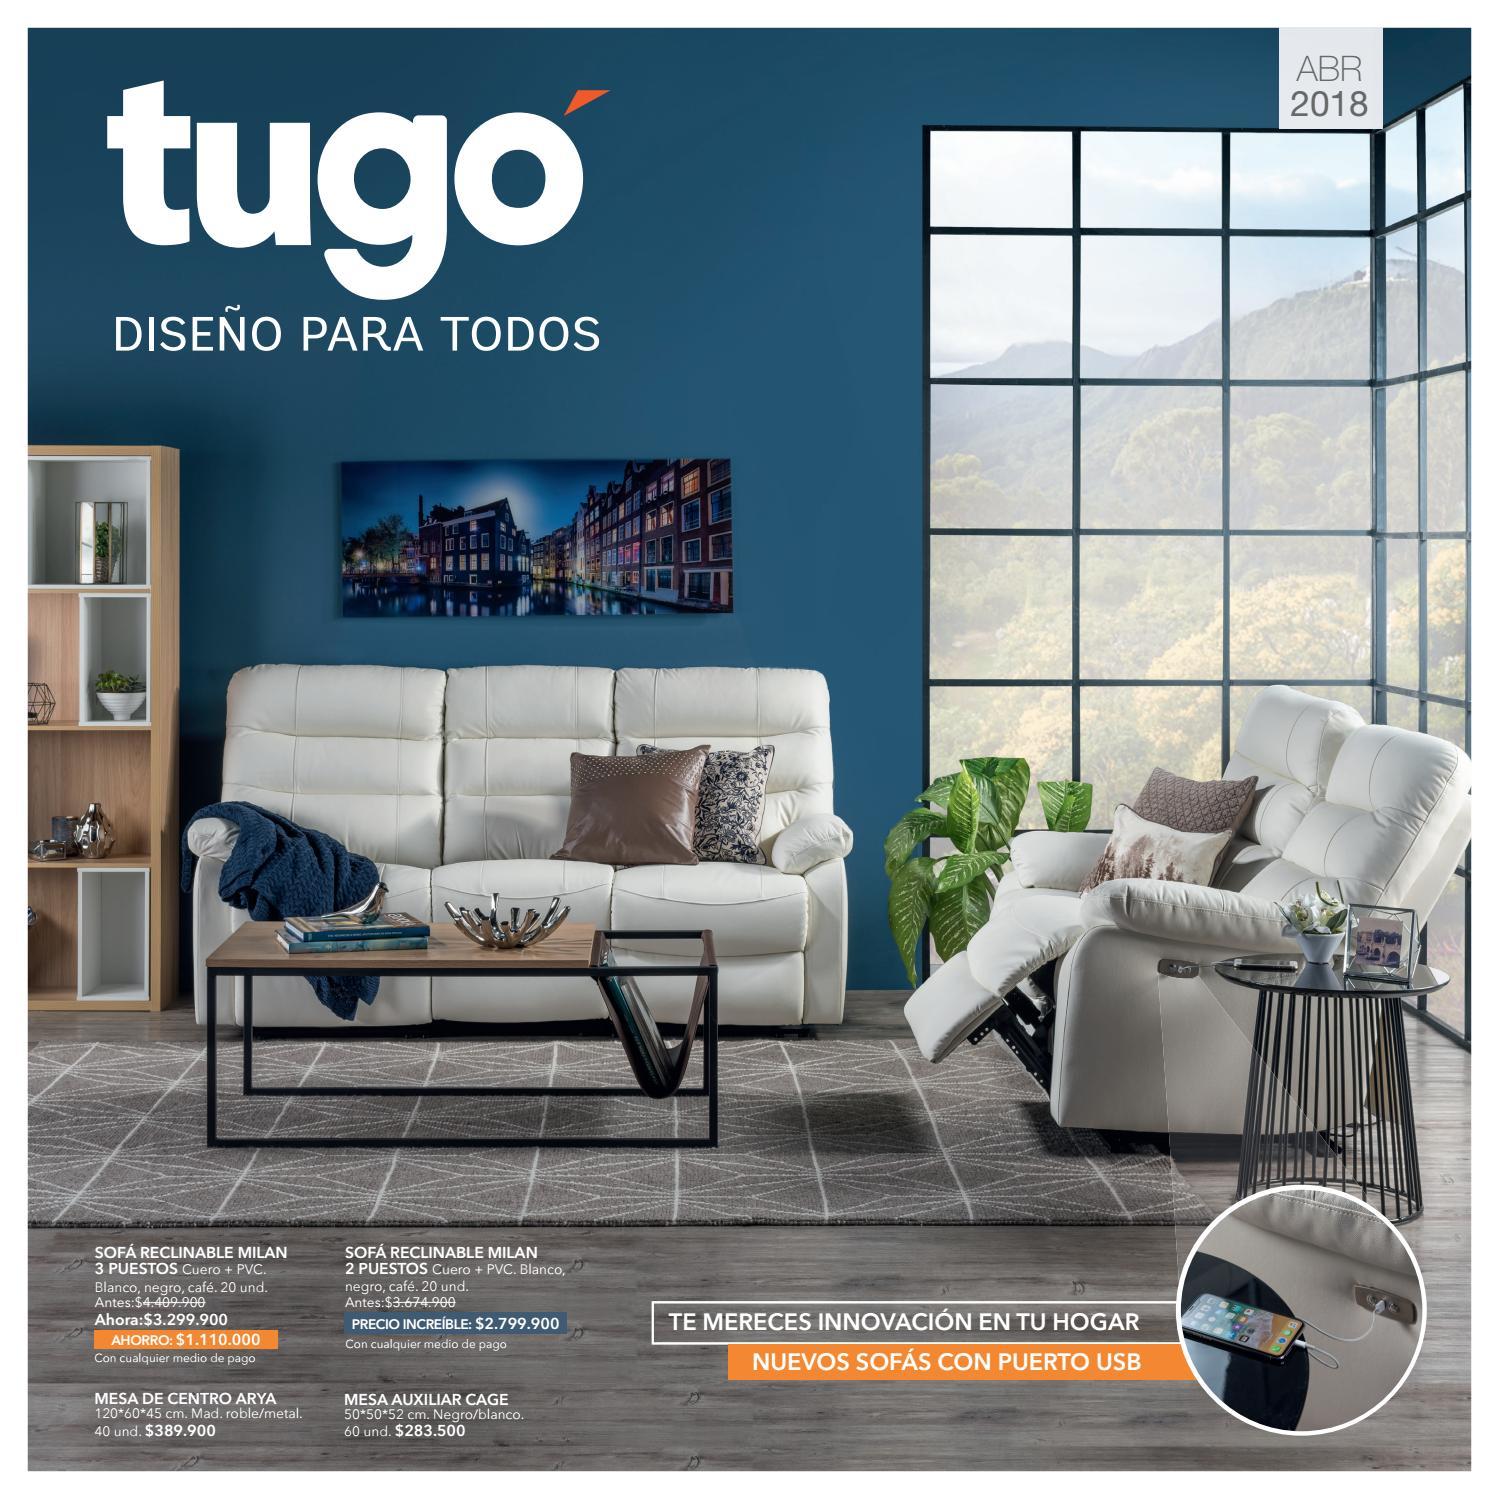 Excepcional Comprar Muebles En Línea Reclinables Fotos - Muebles ...